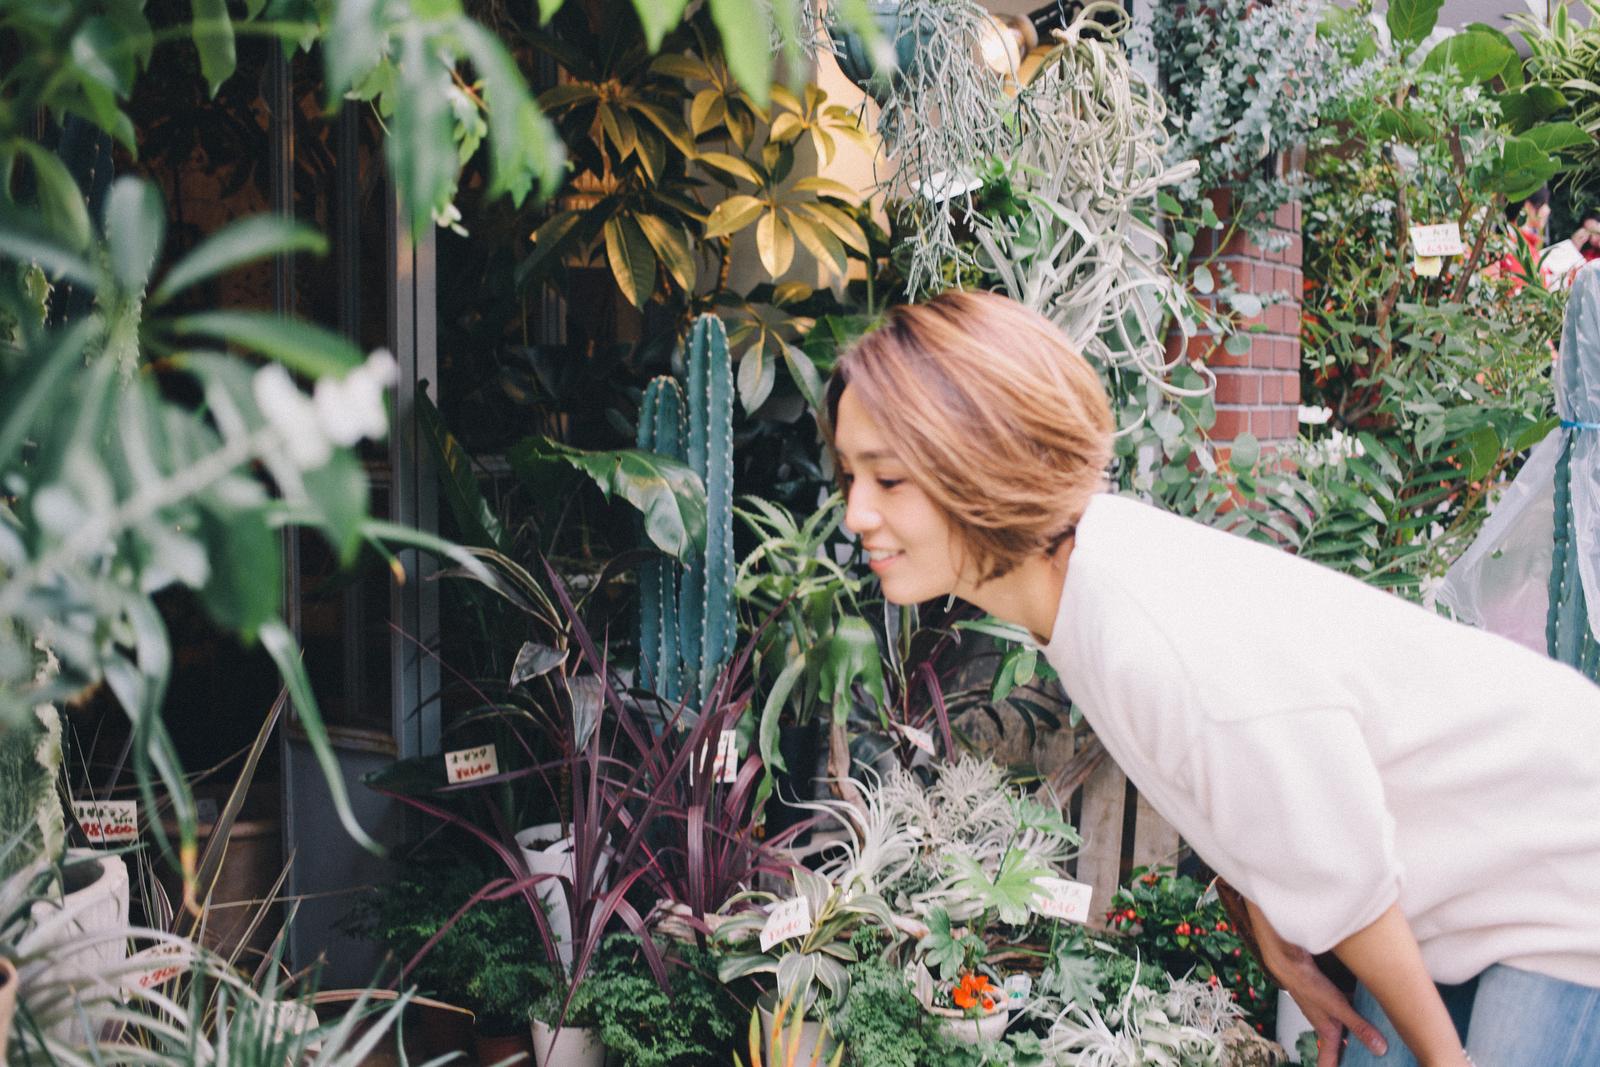 代々木上原の花屋 ムギハナの前で植物を眺める 和田明日香さん